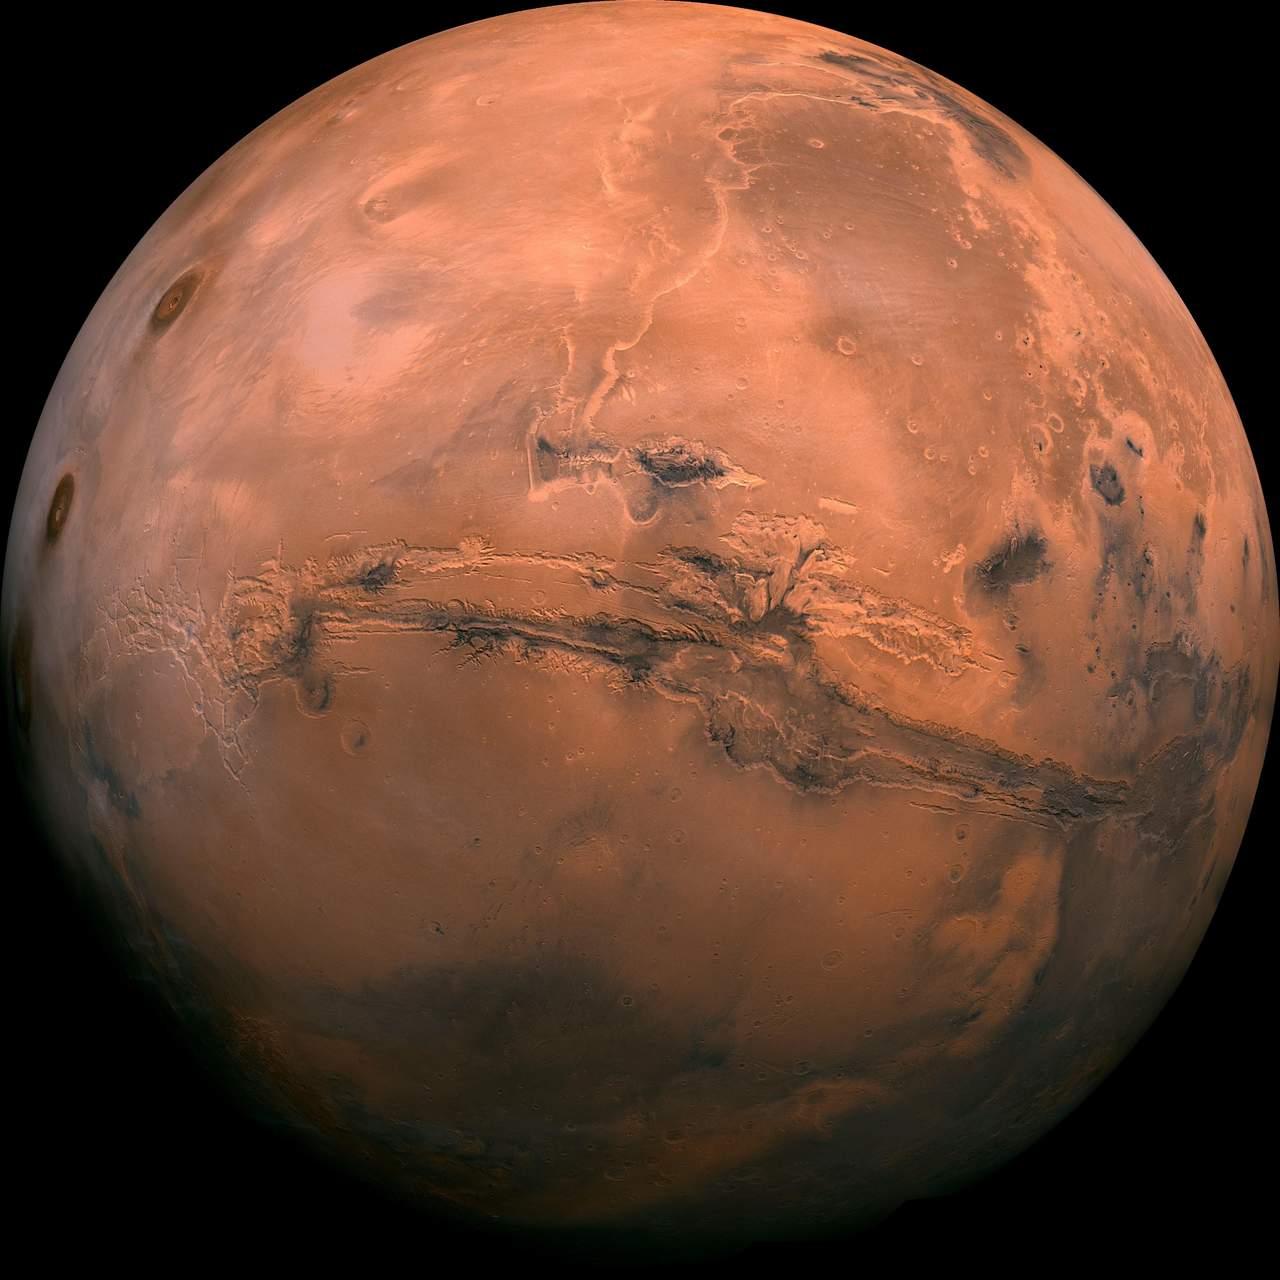 ¿Hay más depósitos de agua líquida en el subsuelo de Marte?